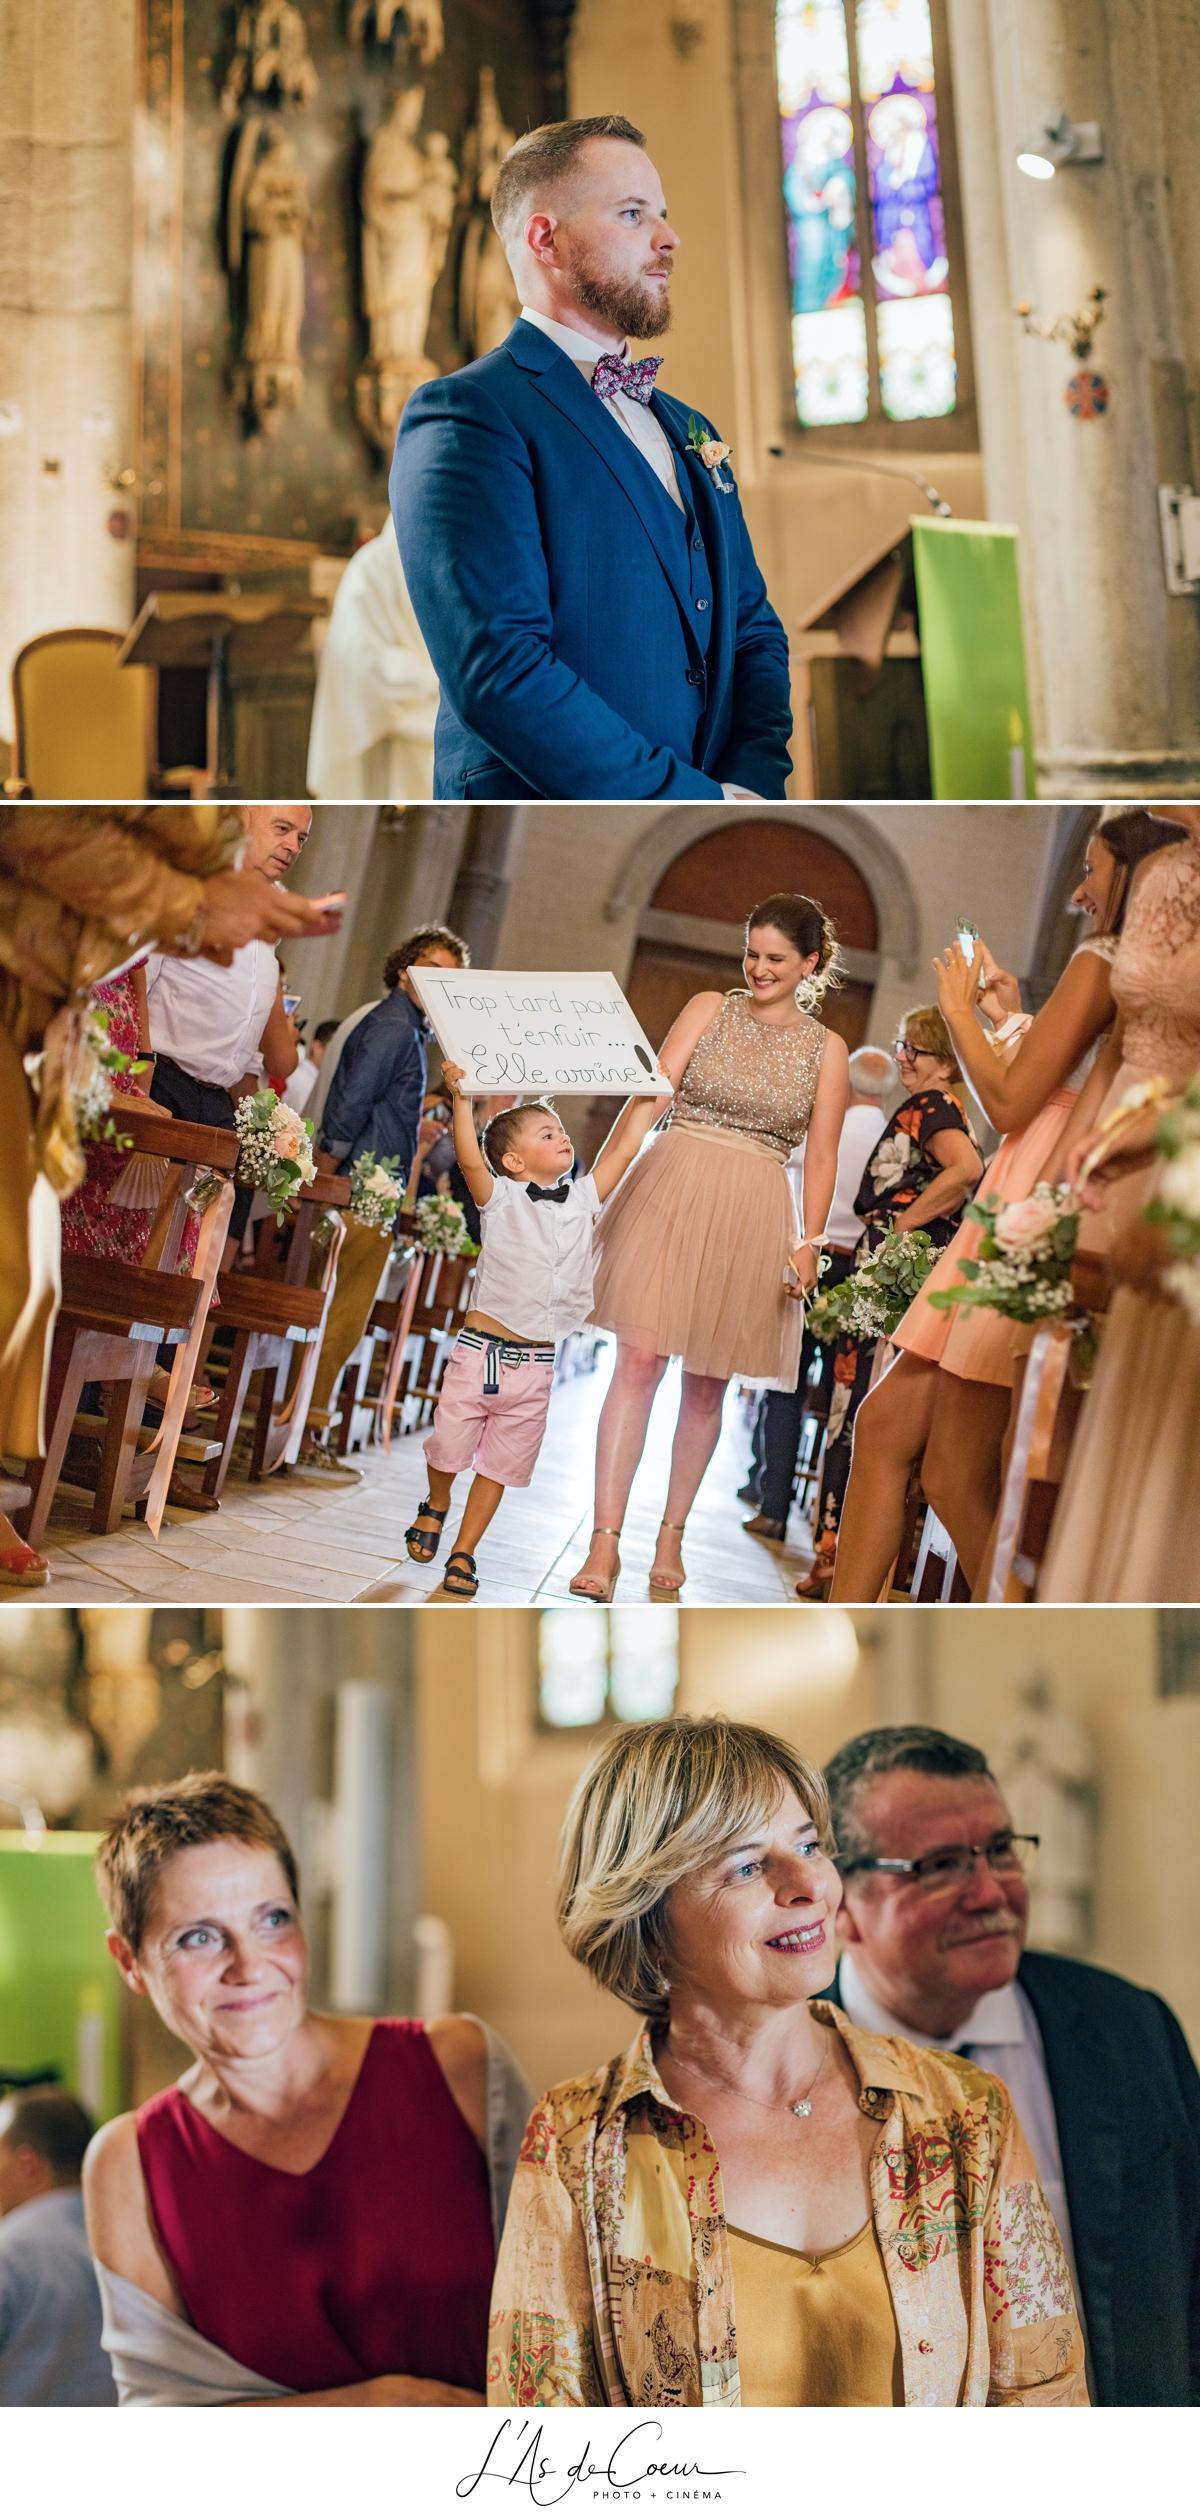 Entrée de la mariée église mariage religieux Lyon